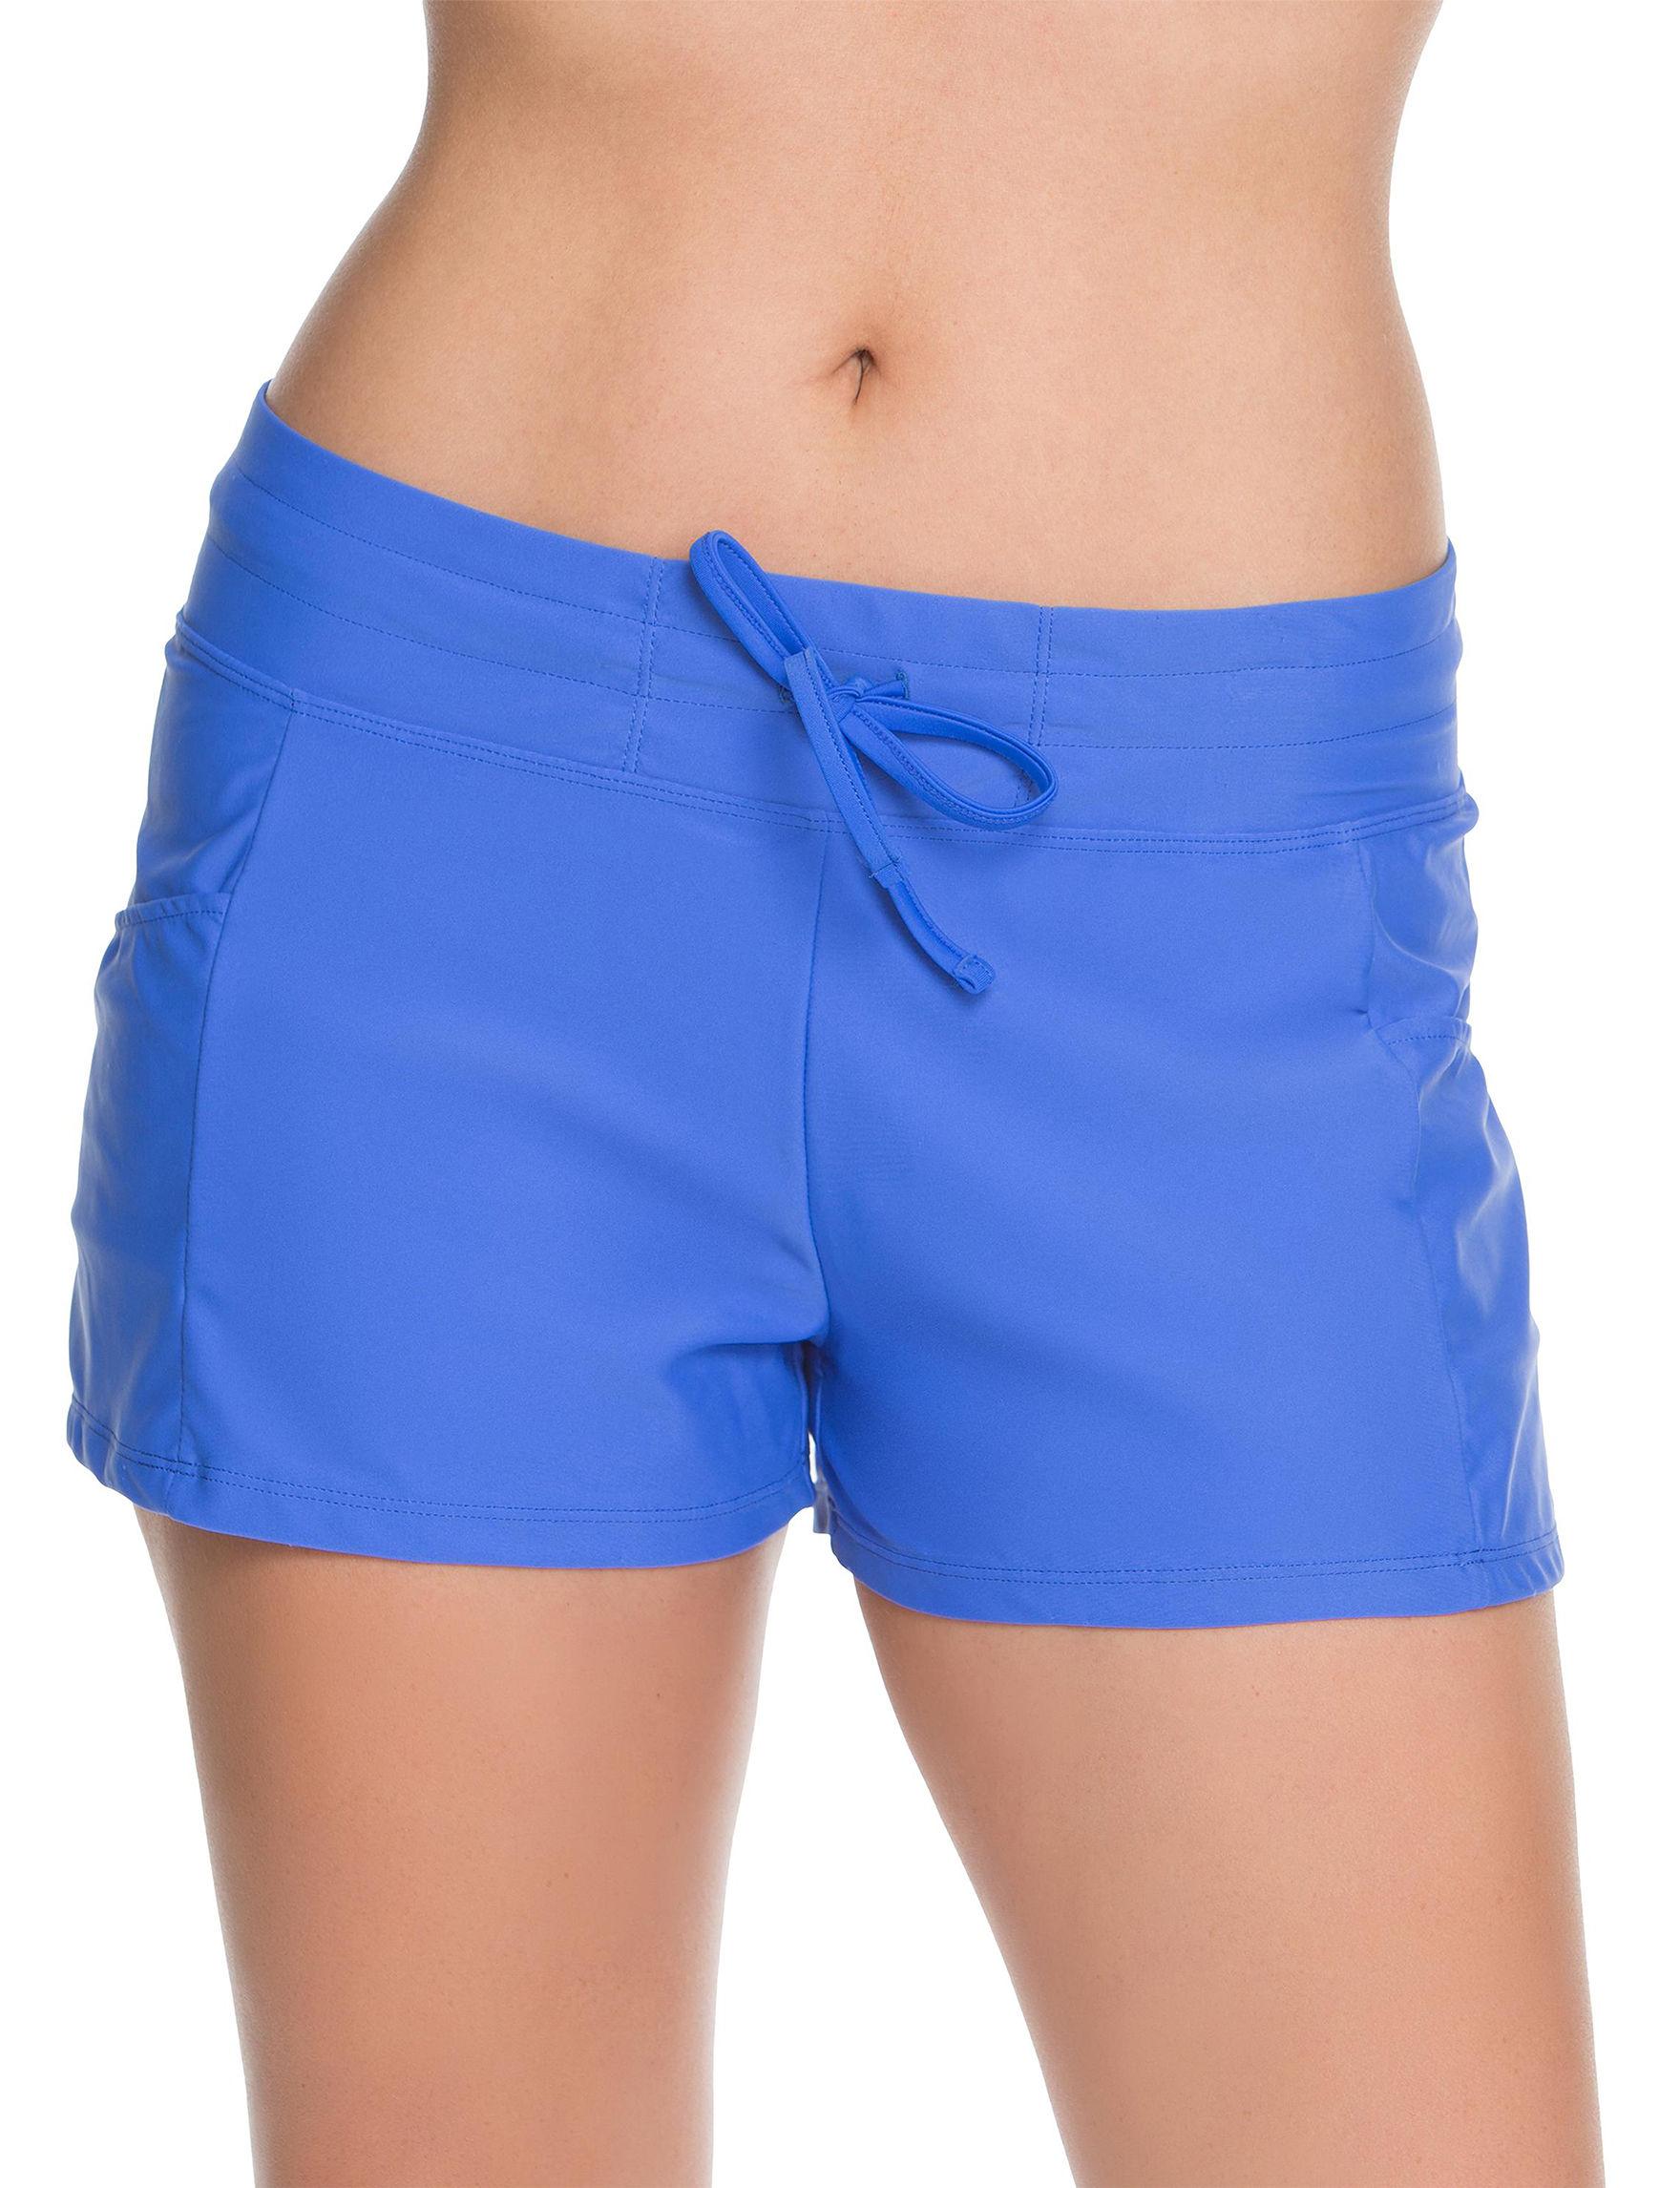 Splashletics Cobalt Blue Swimsuit Bottoms Boyshort